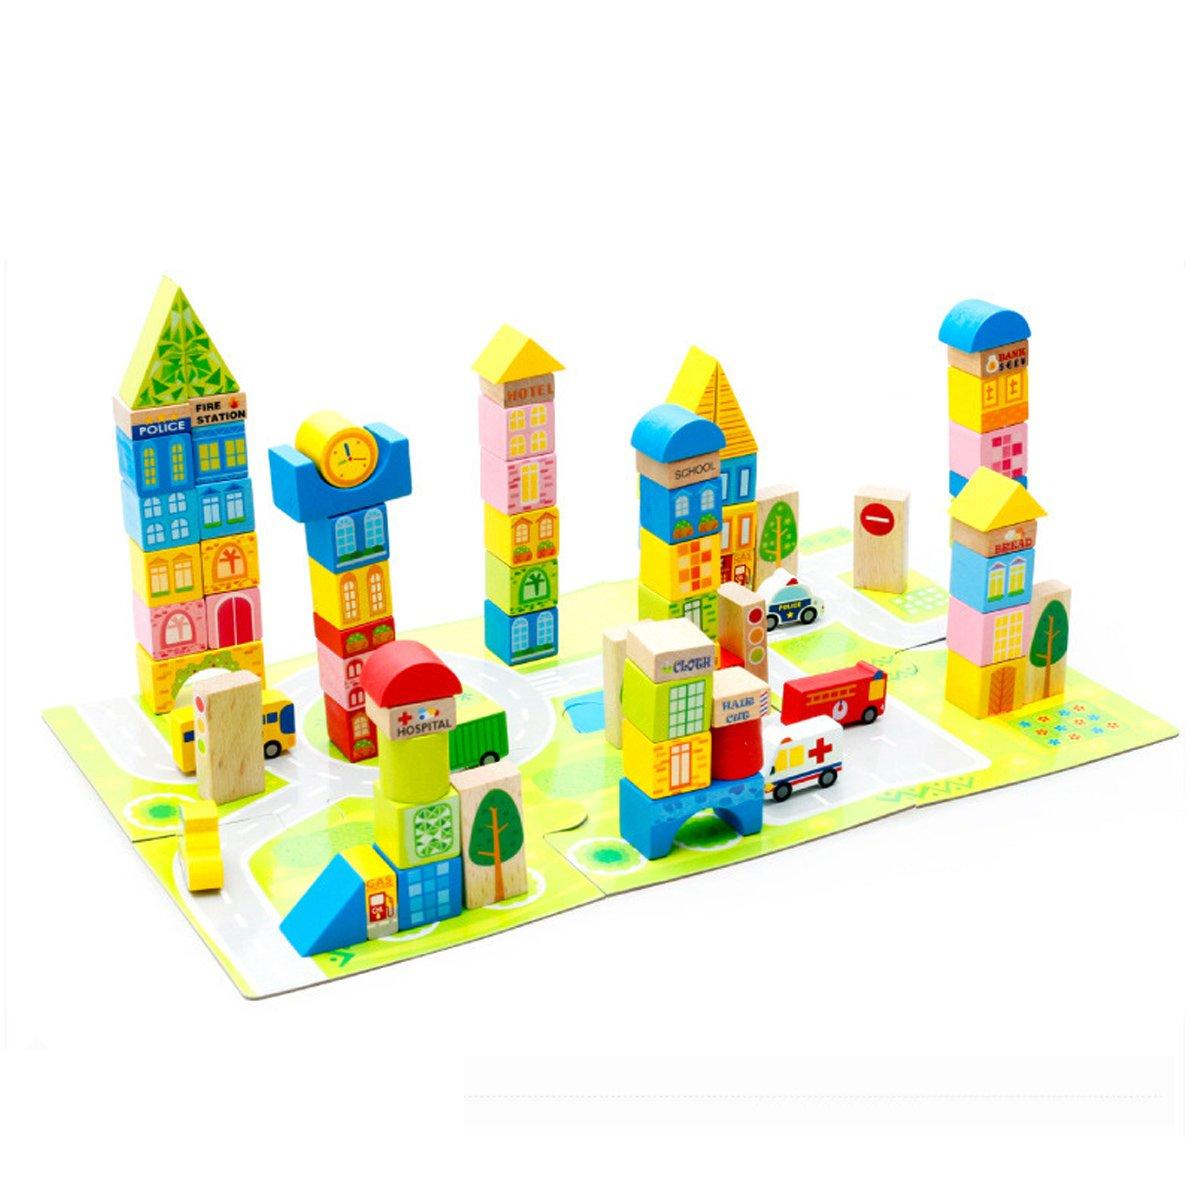 Kitchnexus Kinder Holzklotz Puzzle Holzwürfel Bunte Holzbausteine Bestes Geschenk Pädagogisches Spielzeug Set 100-teilig